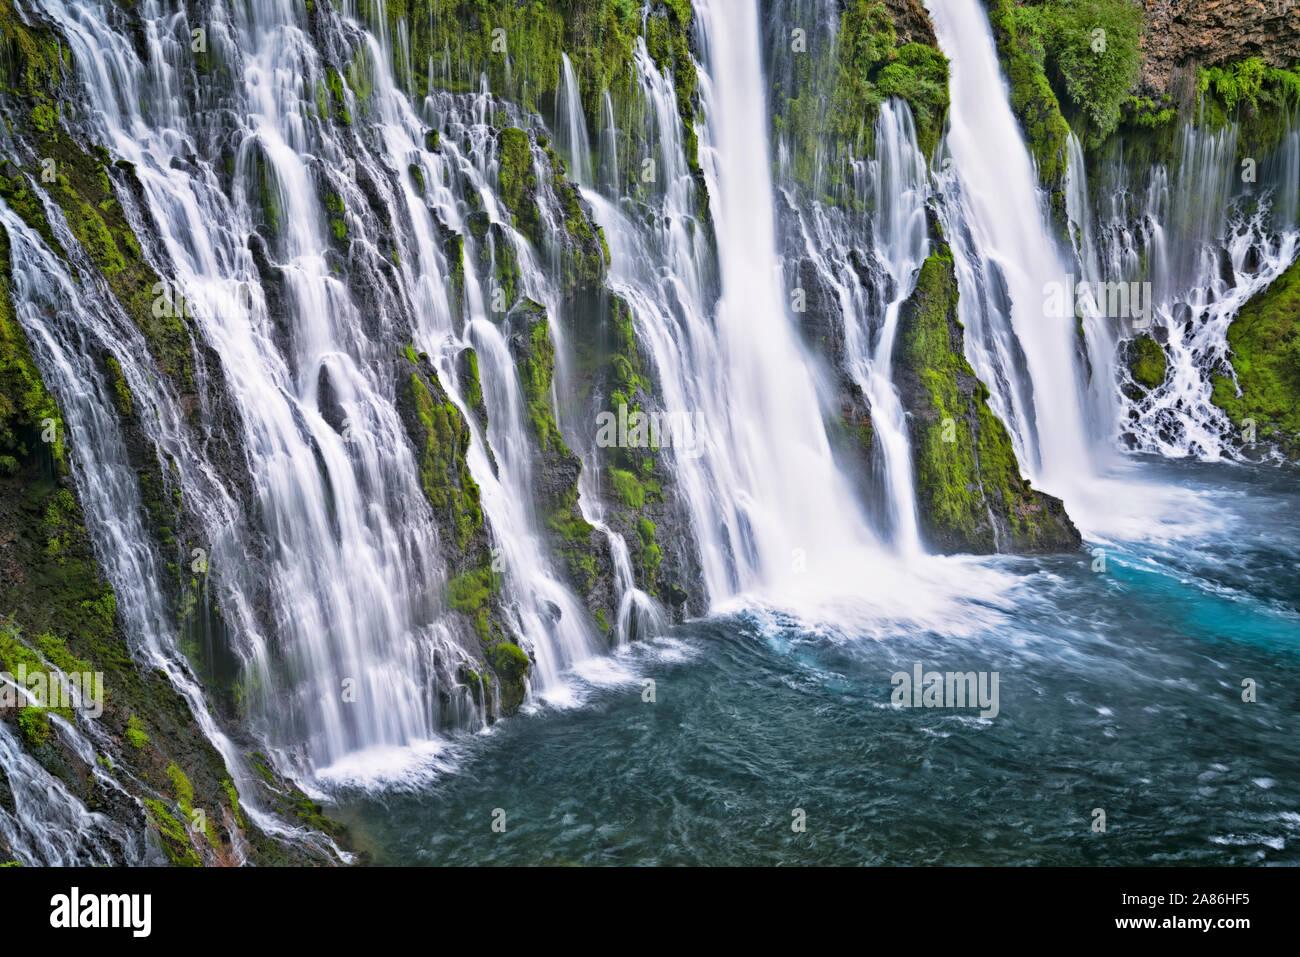 Burney Falls cascadas de 129 pies sobre el basalto cubiertas de musgo en el norte de California del McArthur-Burney cae Memorial State Park en el Cascade Mountain corrió Foto de stock